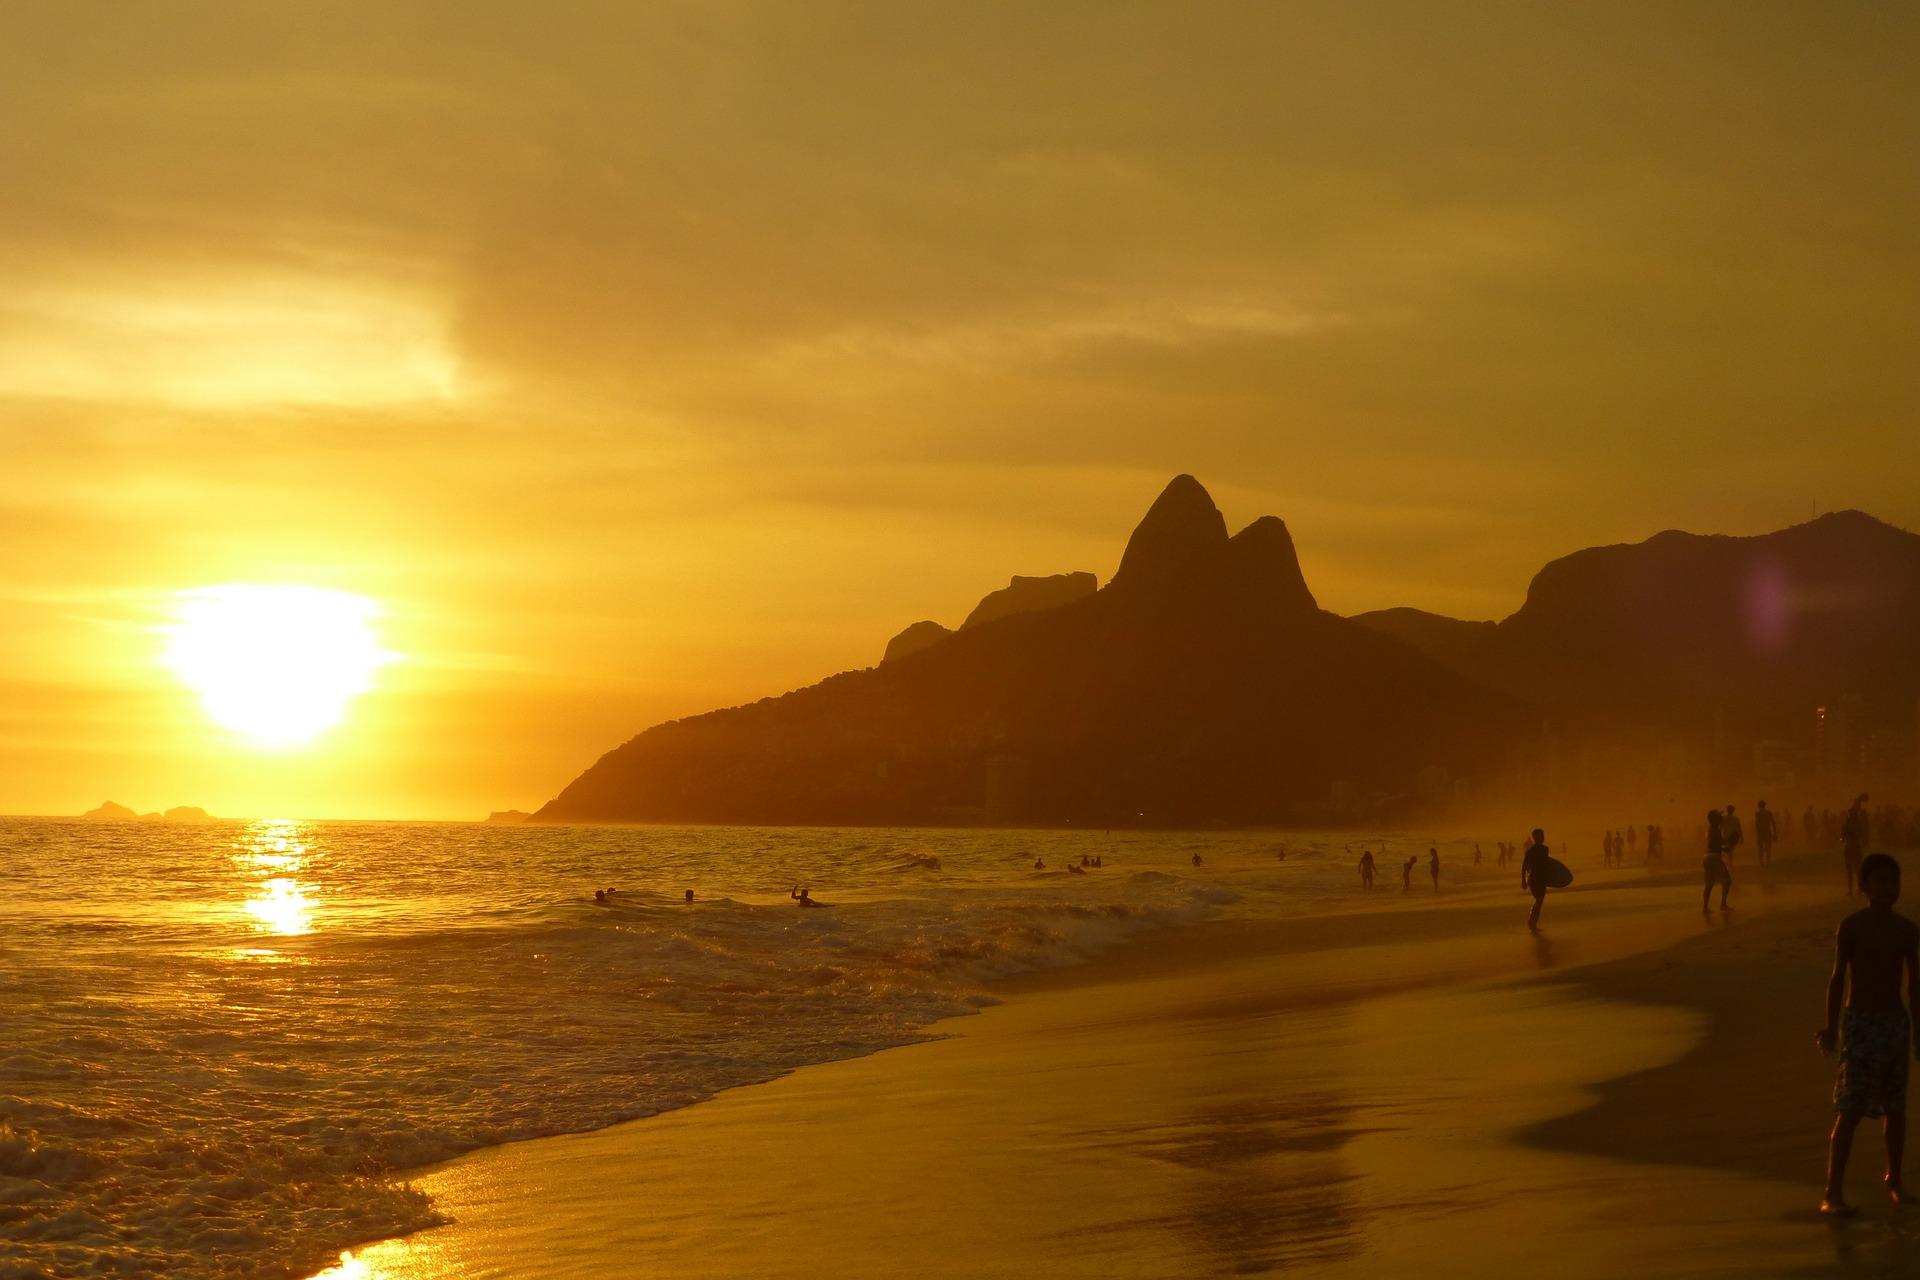 Ipanema, Vacanze Rio de janeiro, Spiaggia, Tramonto, Sole, montagne, Giallo - Sfondi HD - Professor-falken.com